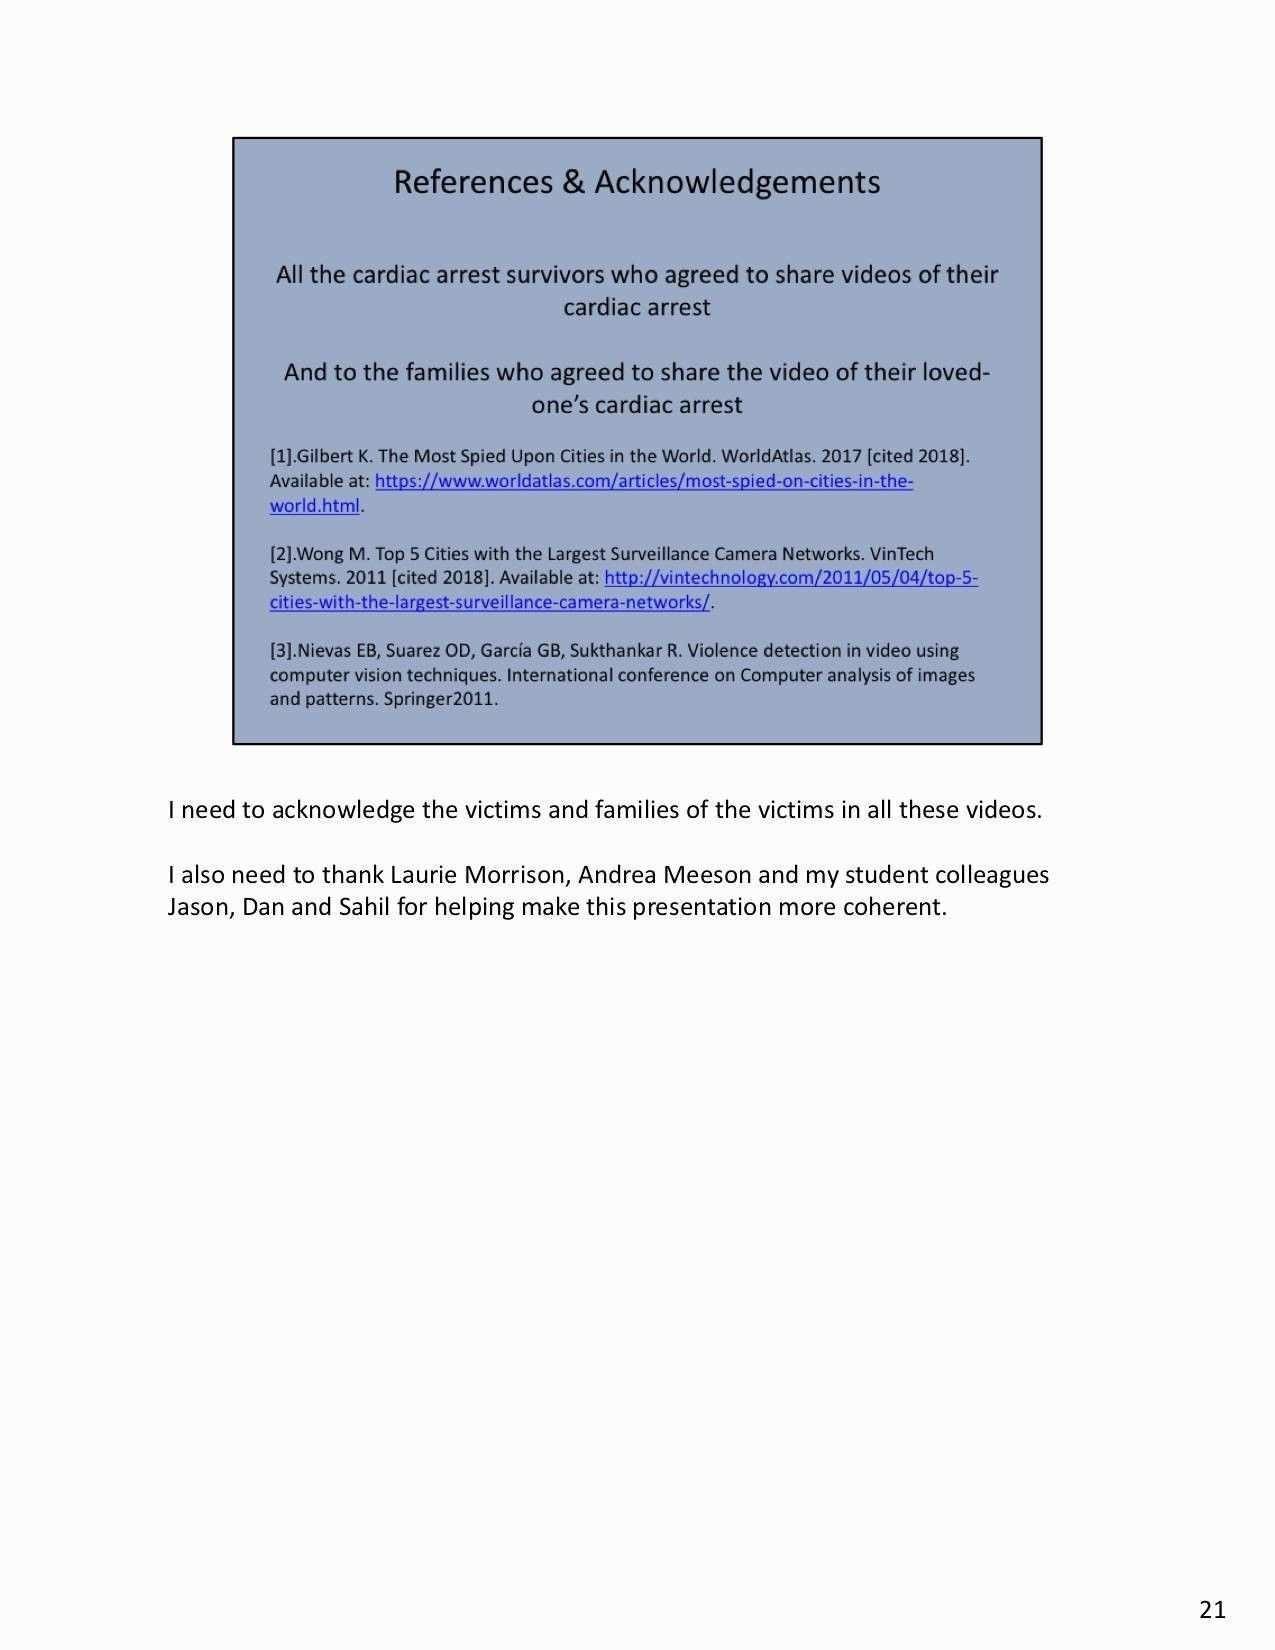 Soalan Pentaksiran Akhir Tahun Pendidikan Moral Tahun 2 Penting Download Cepat Poster Penelitian Yang Bermanfaat Dan Boleh Di Of Muat Turun Pentaksiran Akhir Tahun Pendidikan Moral Tahun 2 Yang Bermanfaat Khas Untuk Para Ibubapa Cetakkan!